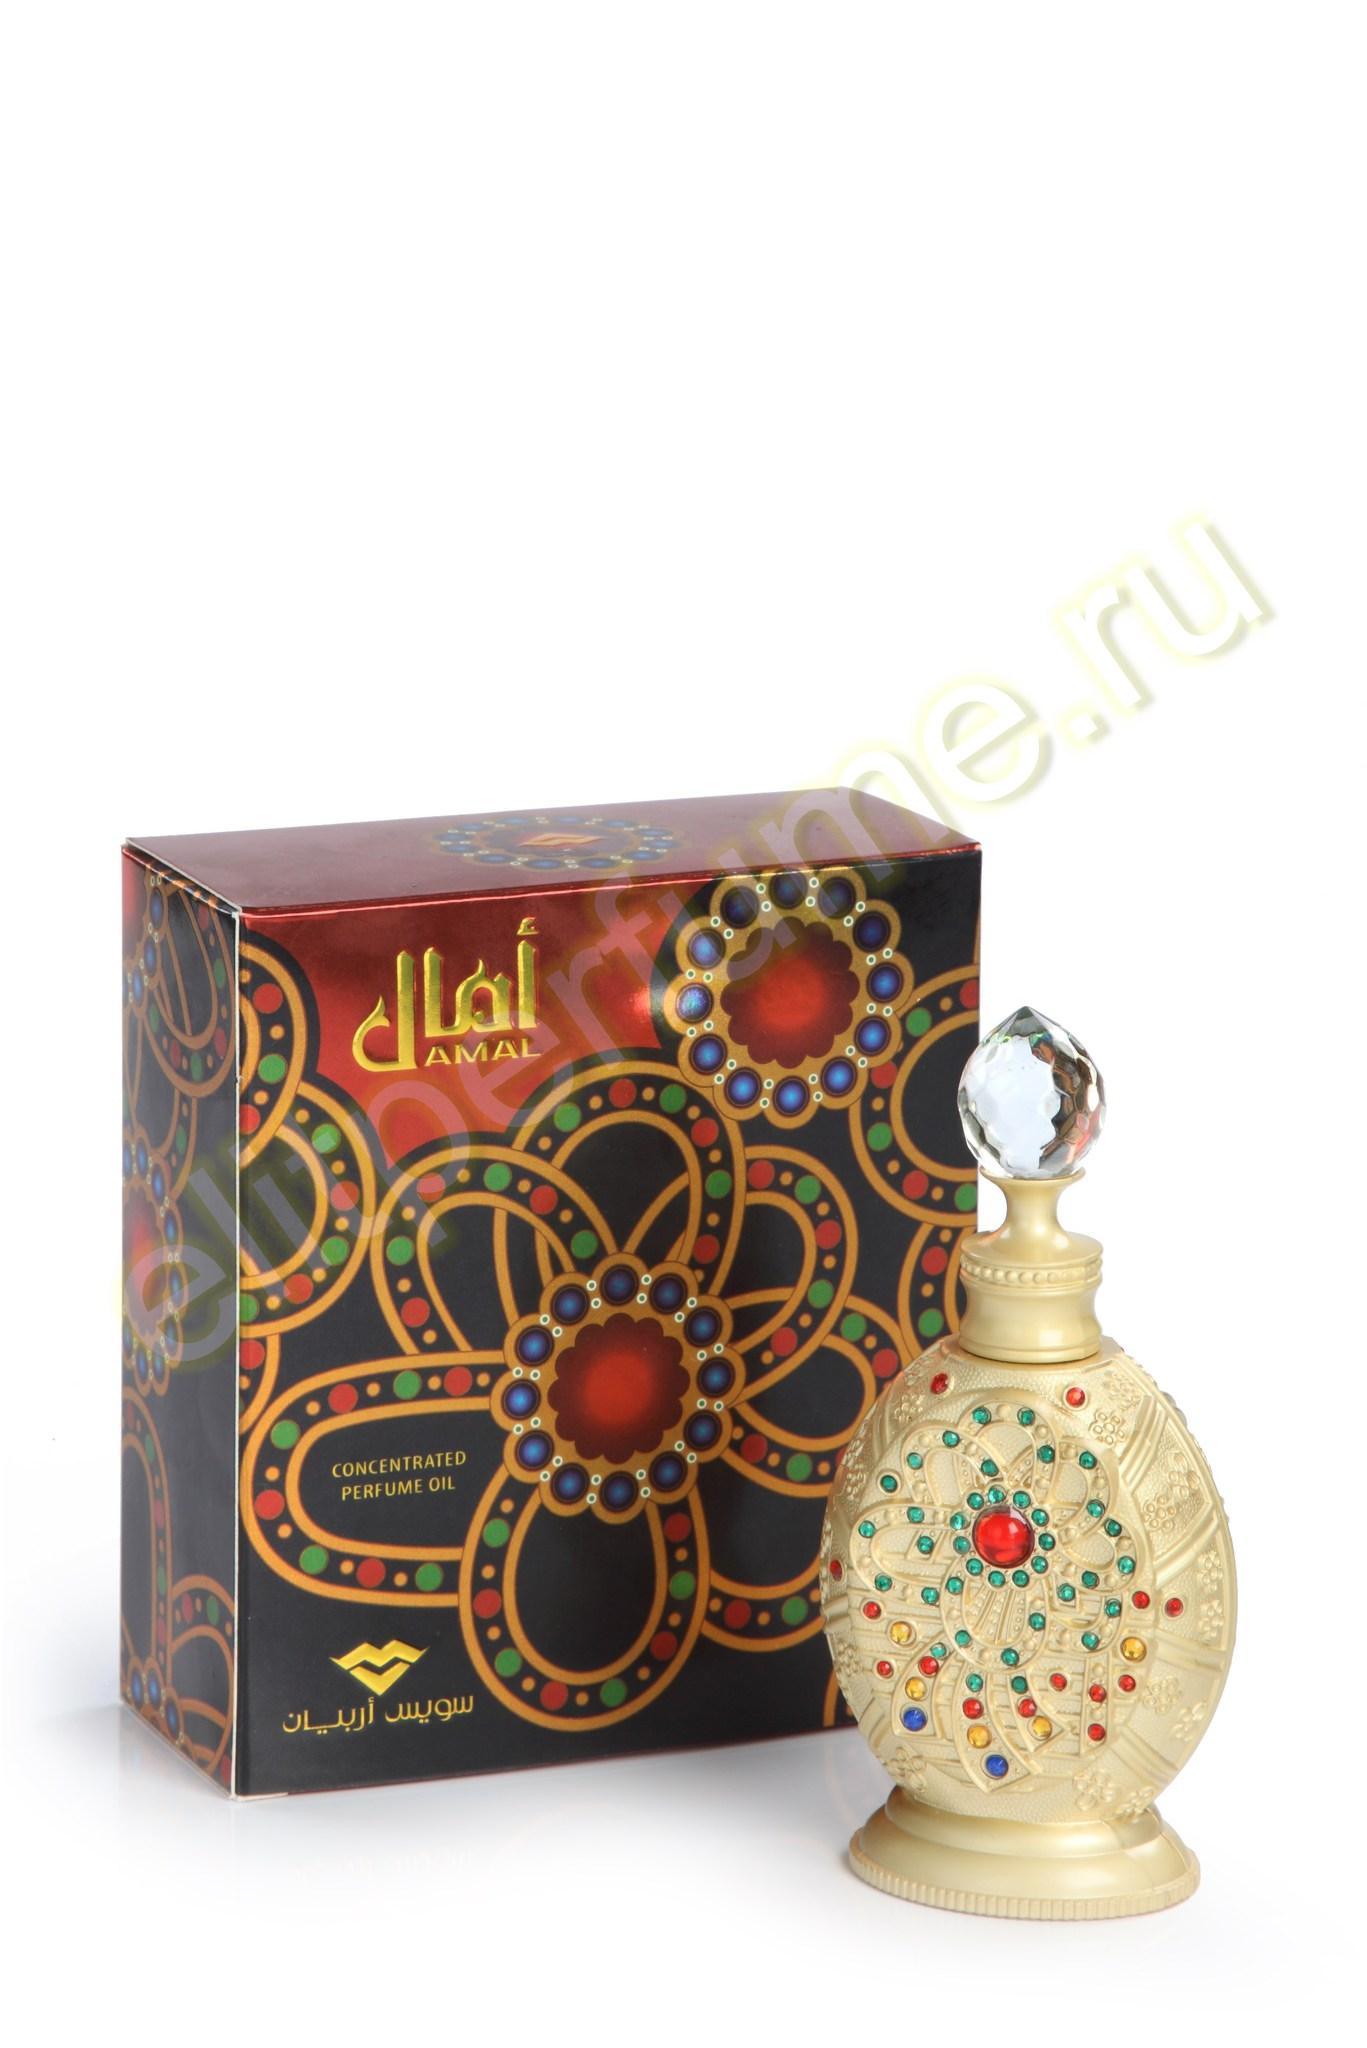 Пробники для арабских духов Амал Amal 1 мл арабские масляные духи от Свисс Арабиан Swiss Arabian